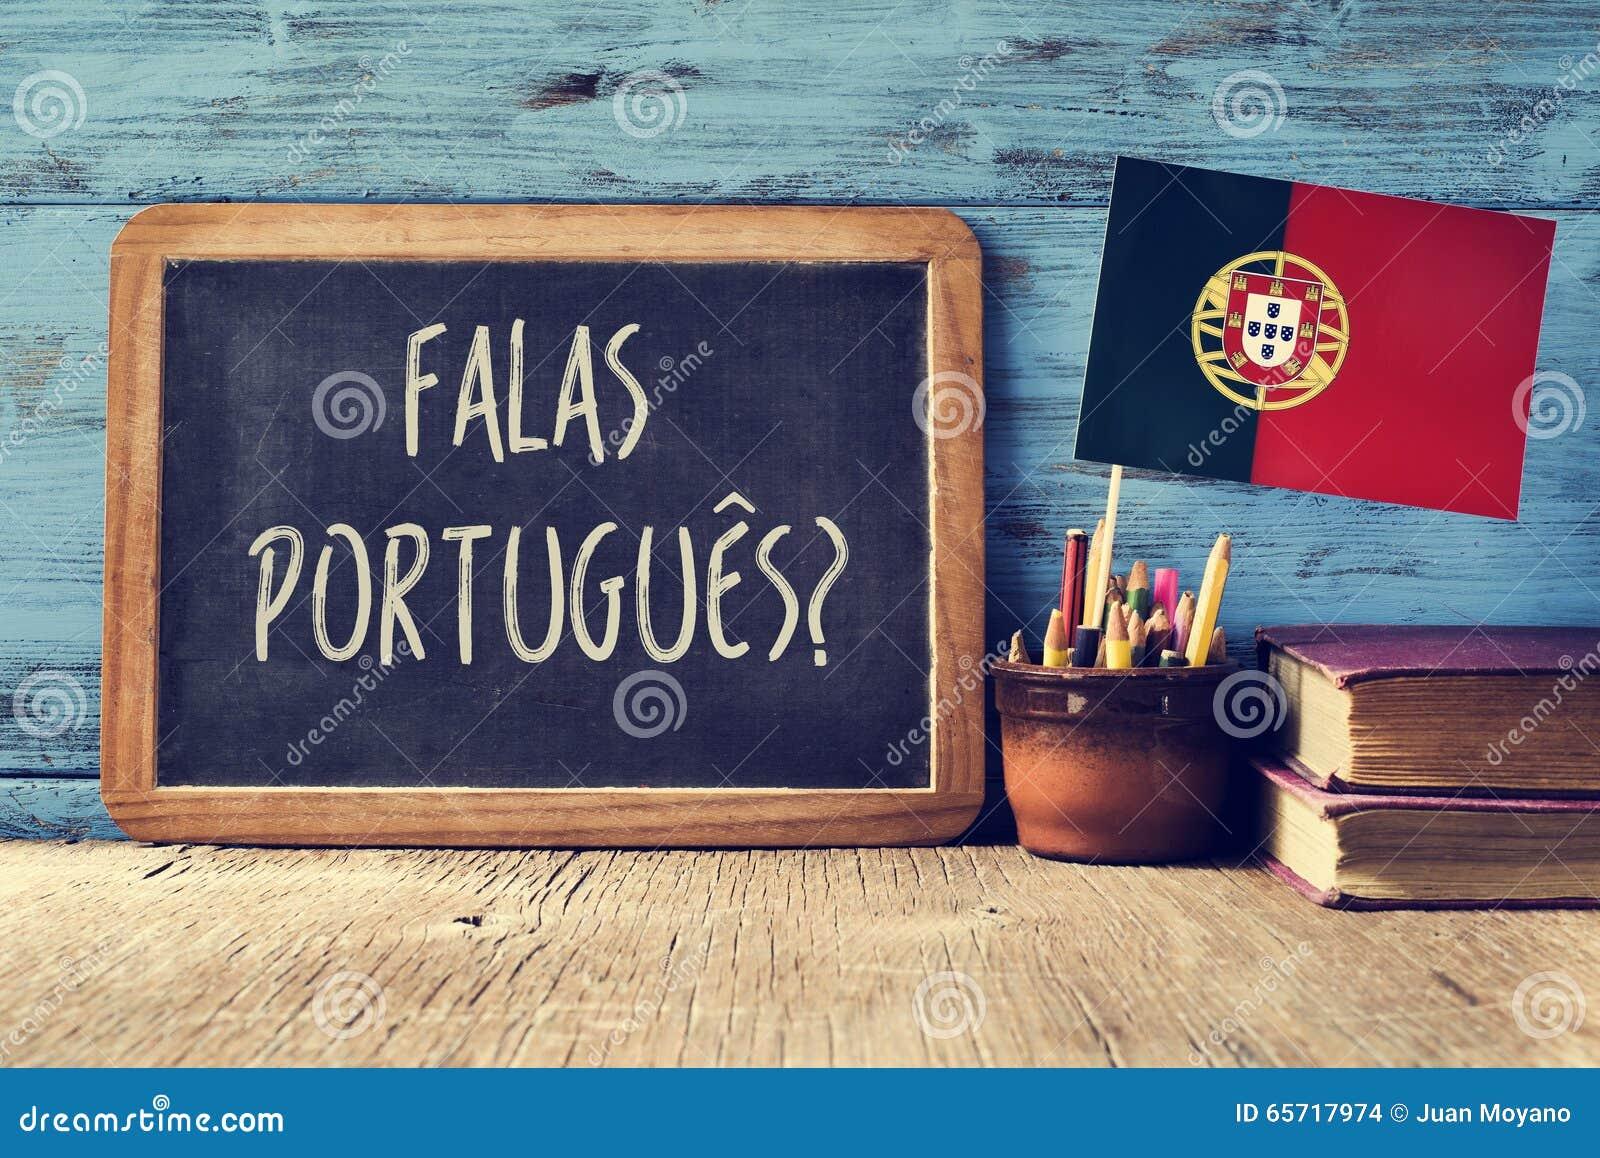 Falas Do Silêncio: Question Falas Portuges? Do You Speak Portuguese? Stock